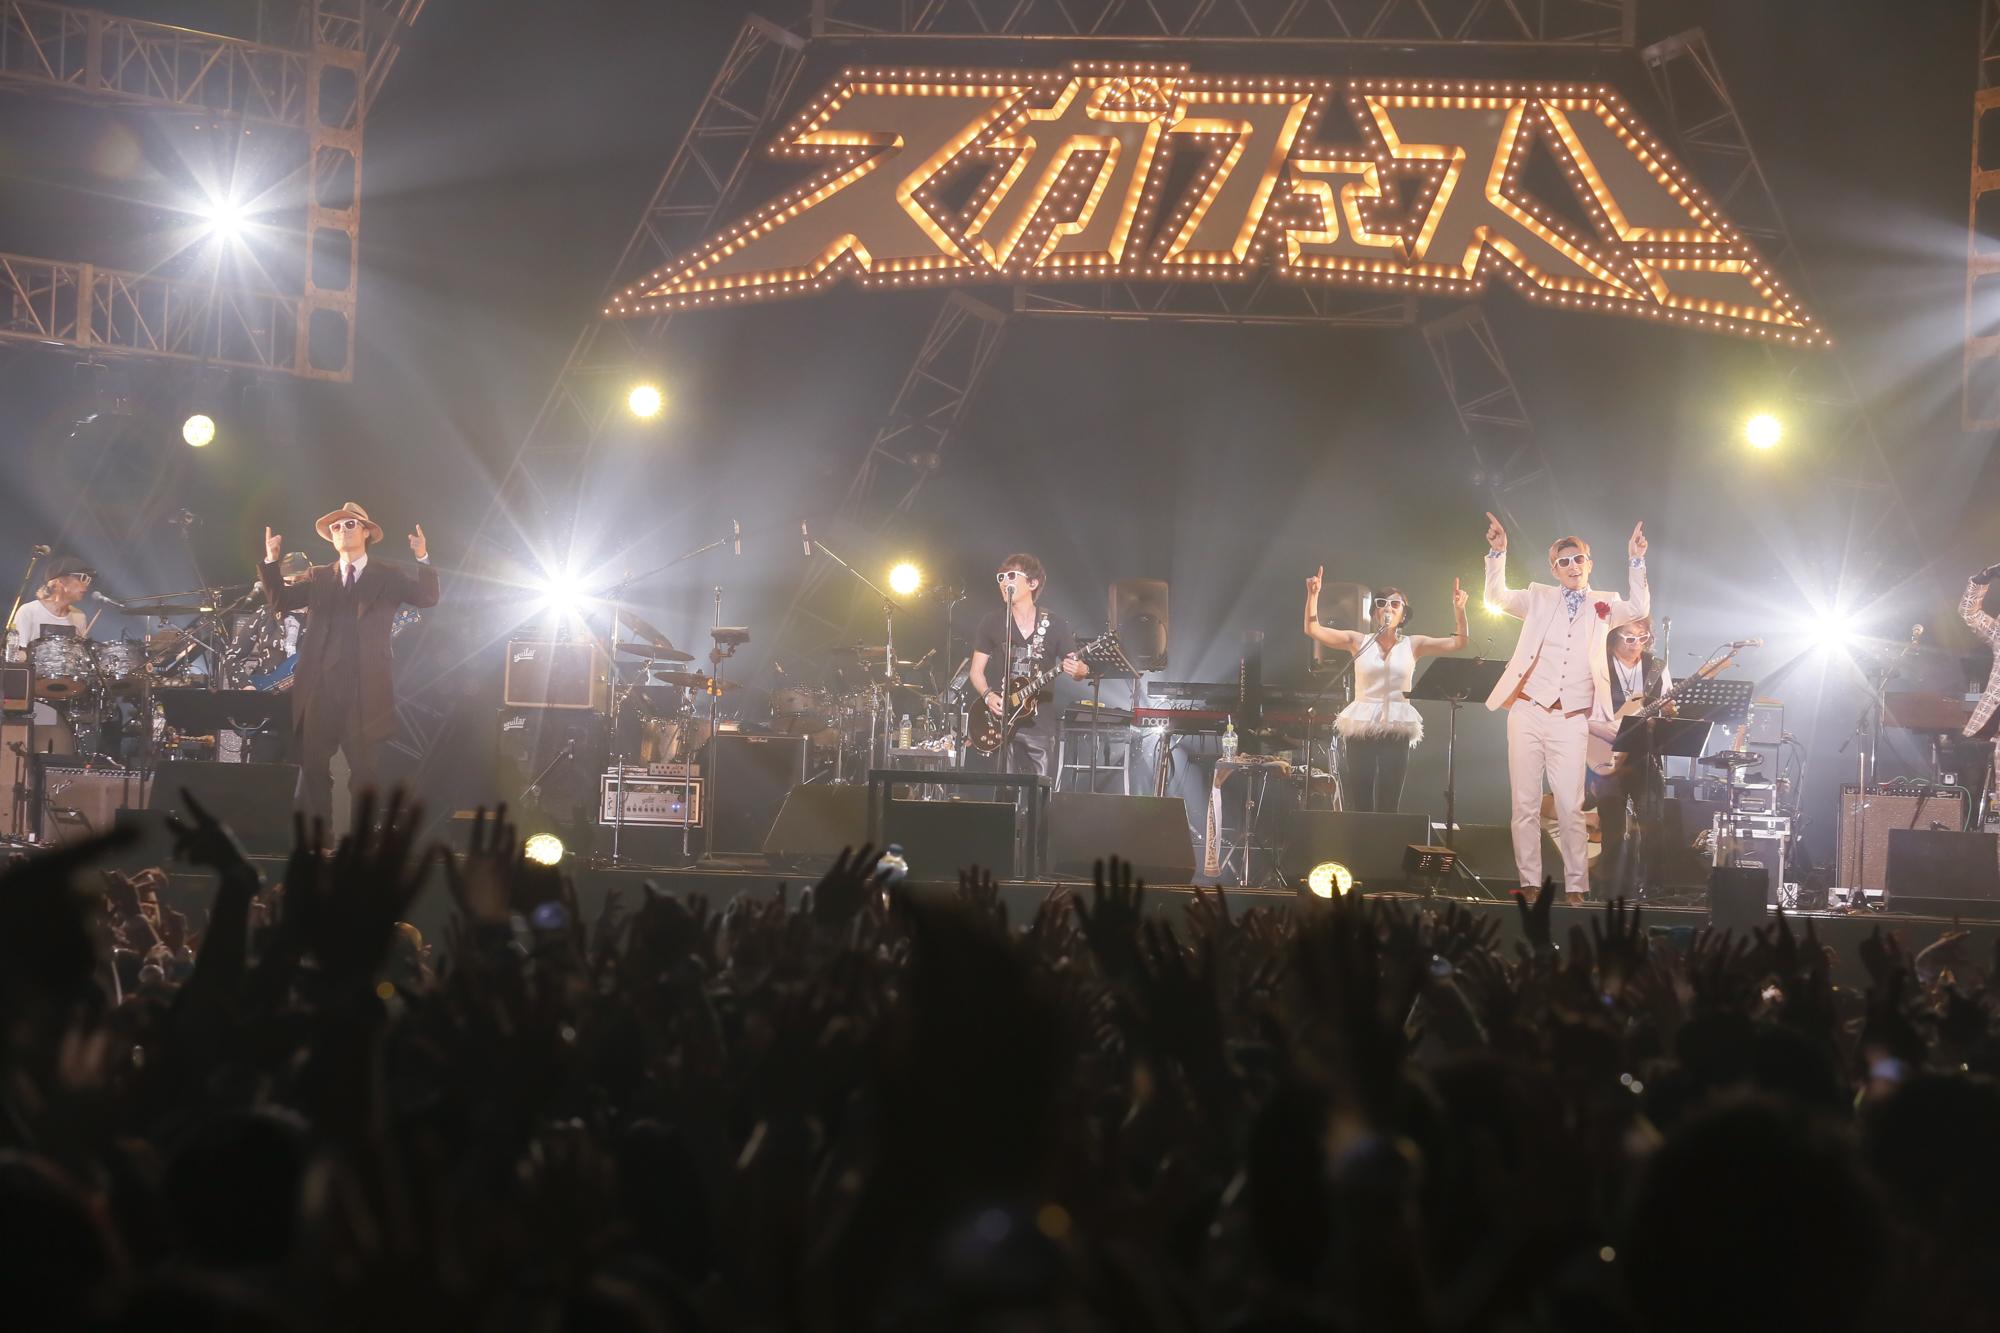 スガシカオのデビュー20周年ライブの映像